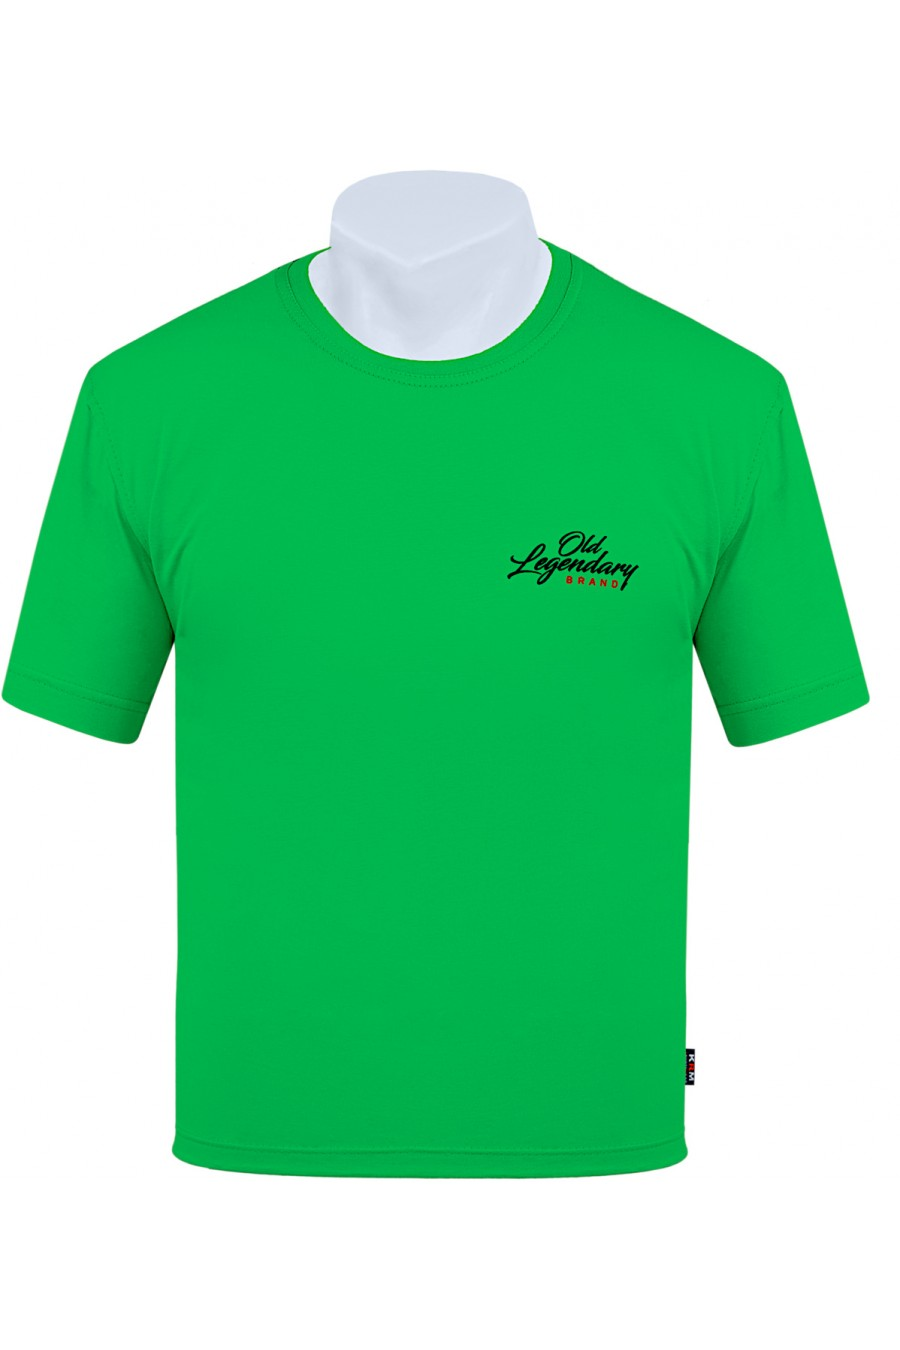 Koszulka S-6XL bawełna F Old Legendary  zielony